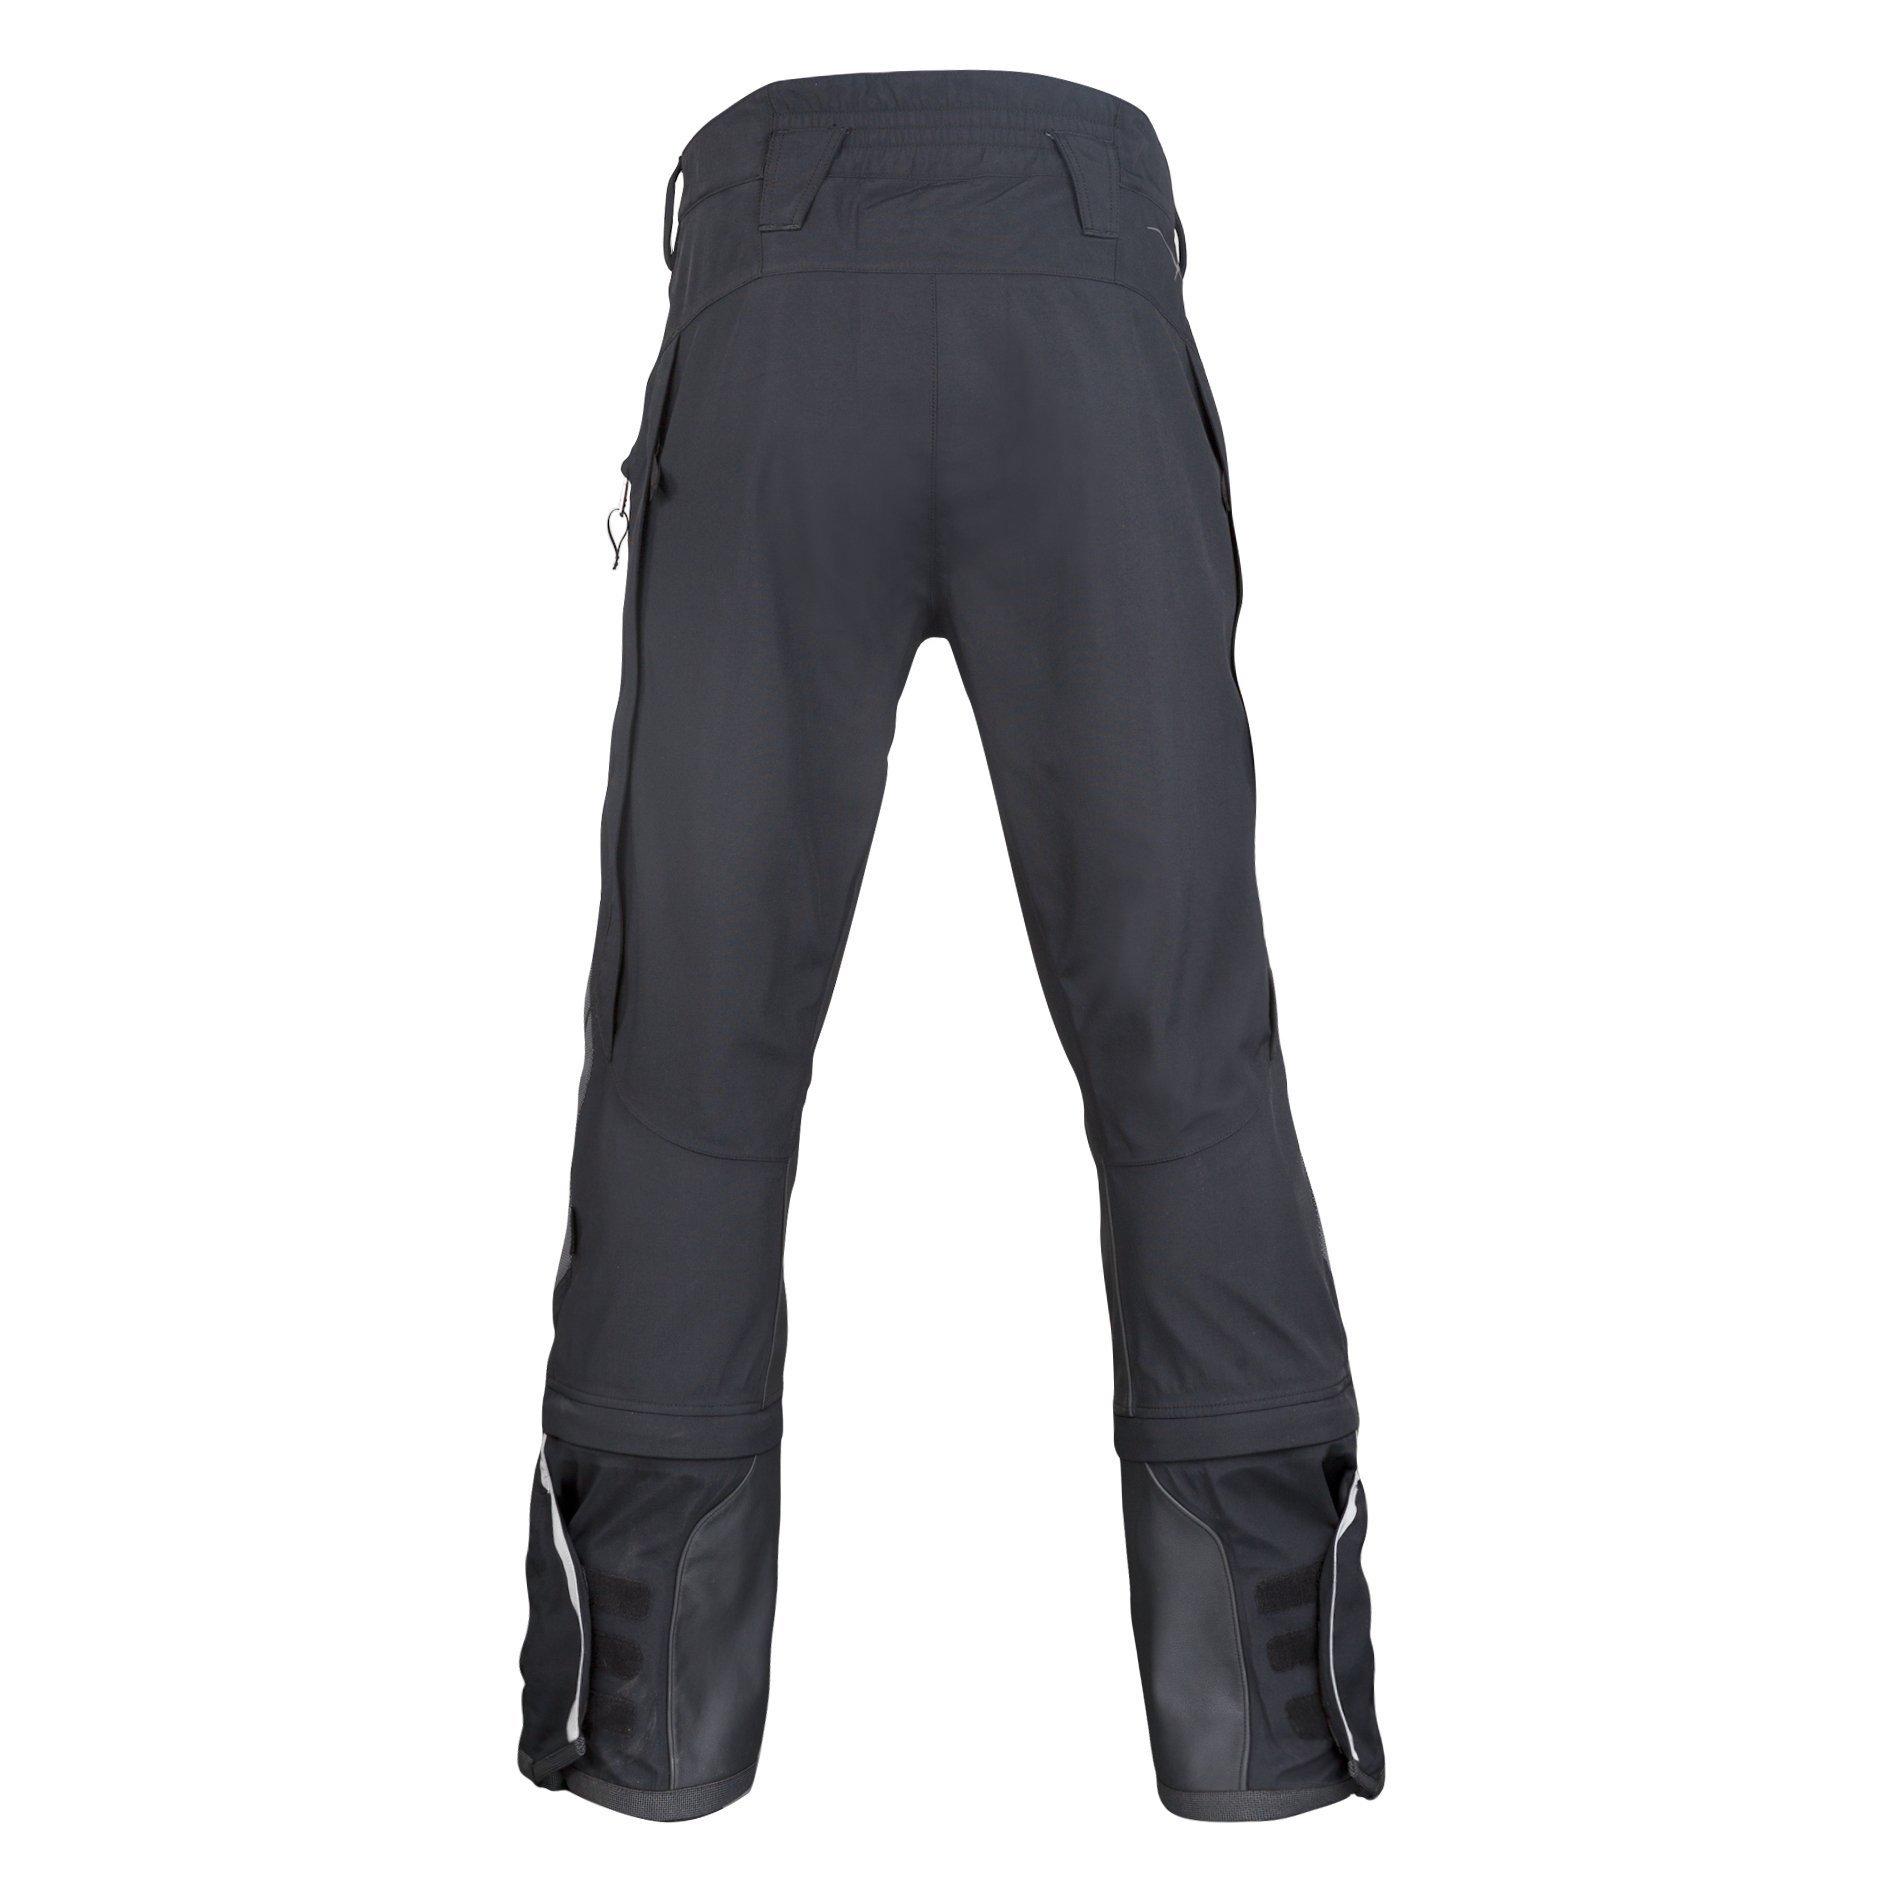 mosko-moto-apparel-s-charcoal-basilisk-pant-11333023105085_2000x.jpg